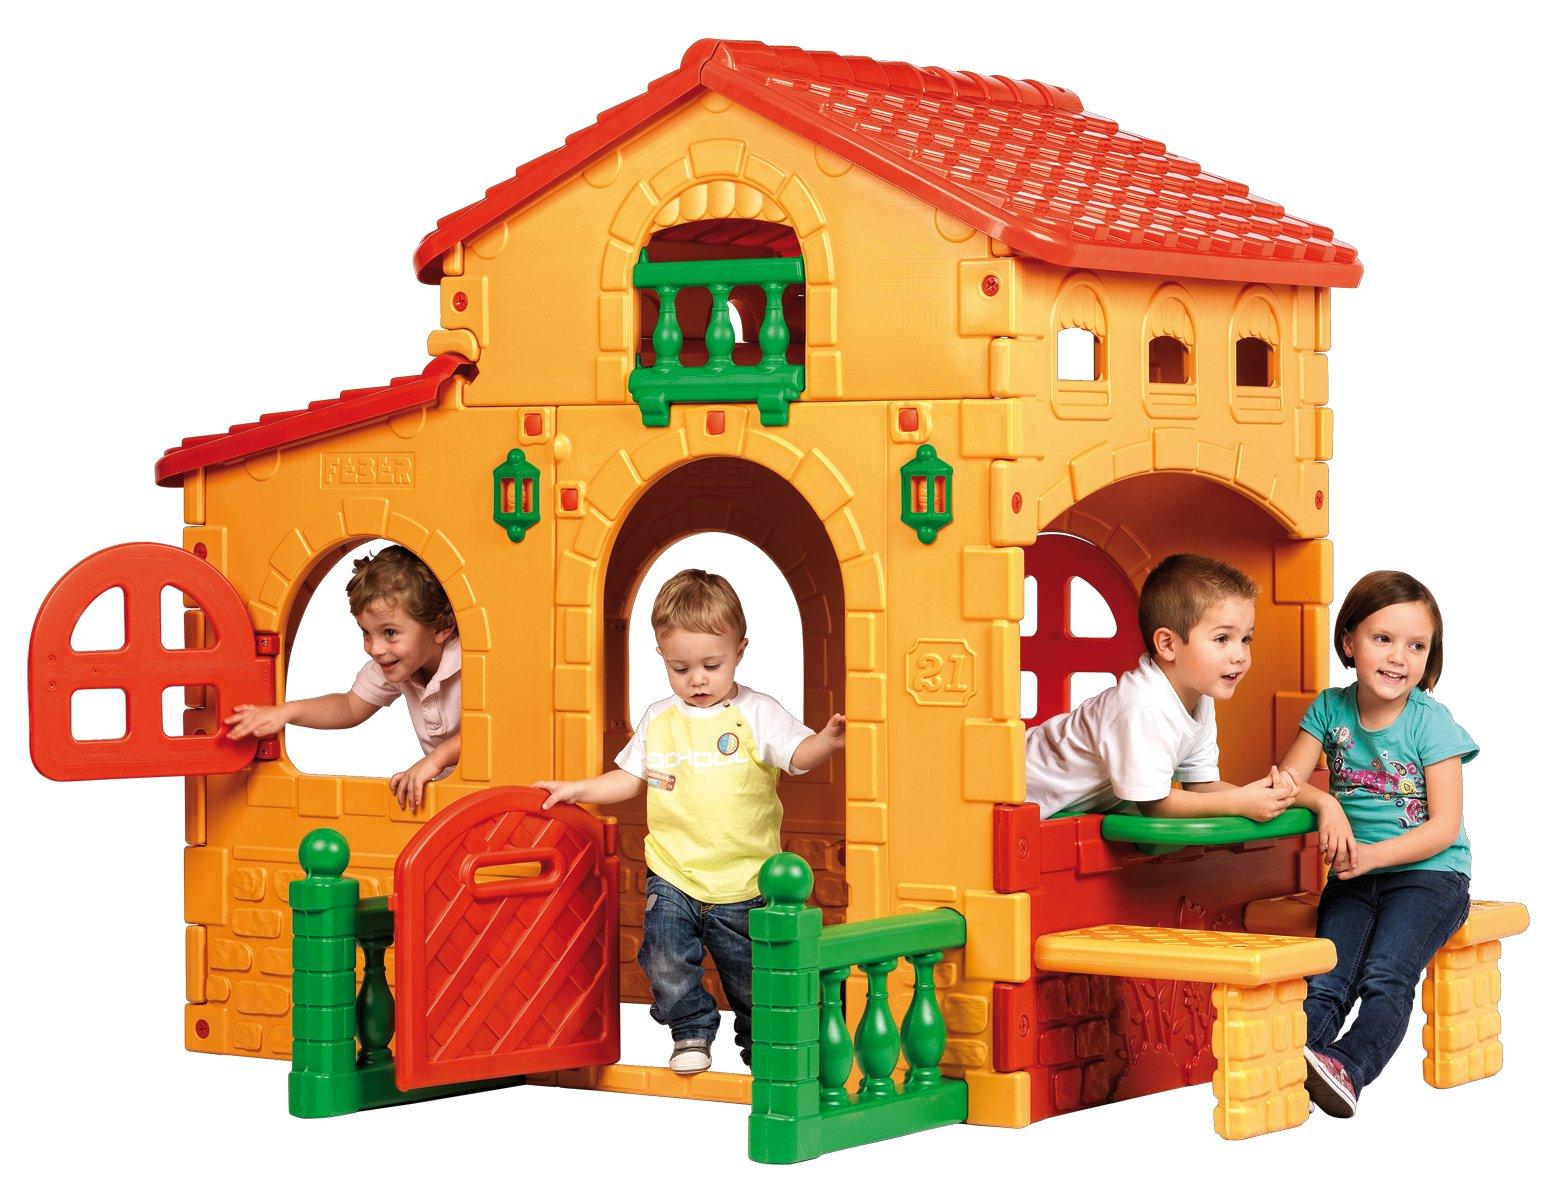 Feber - 800006960 - Jeu de Plein Air - La Villa Feber product image